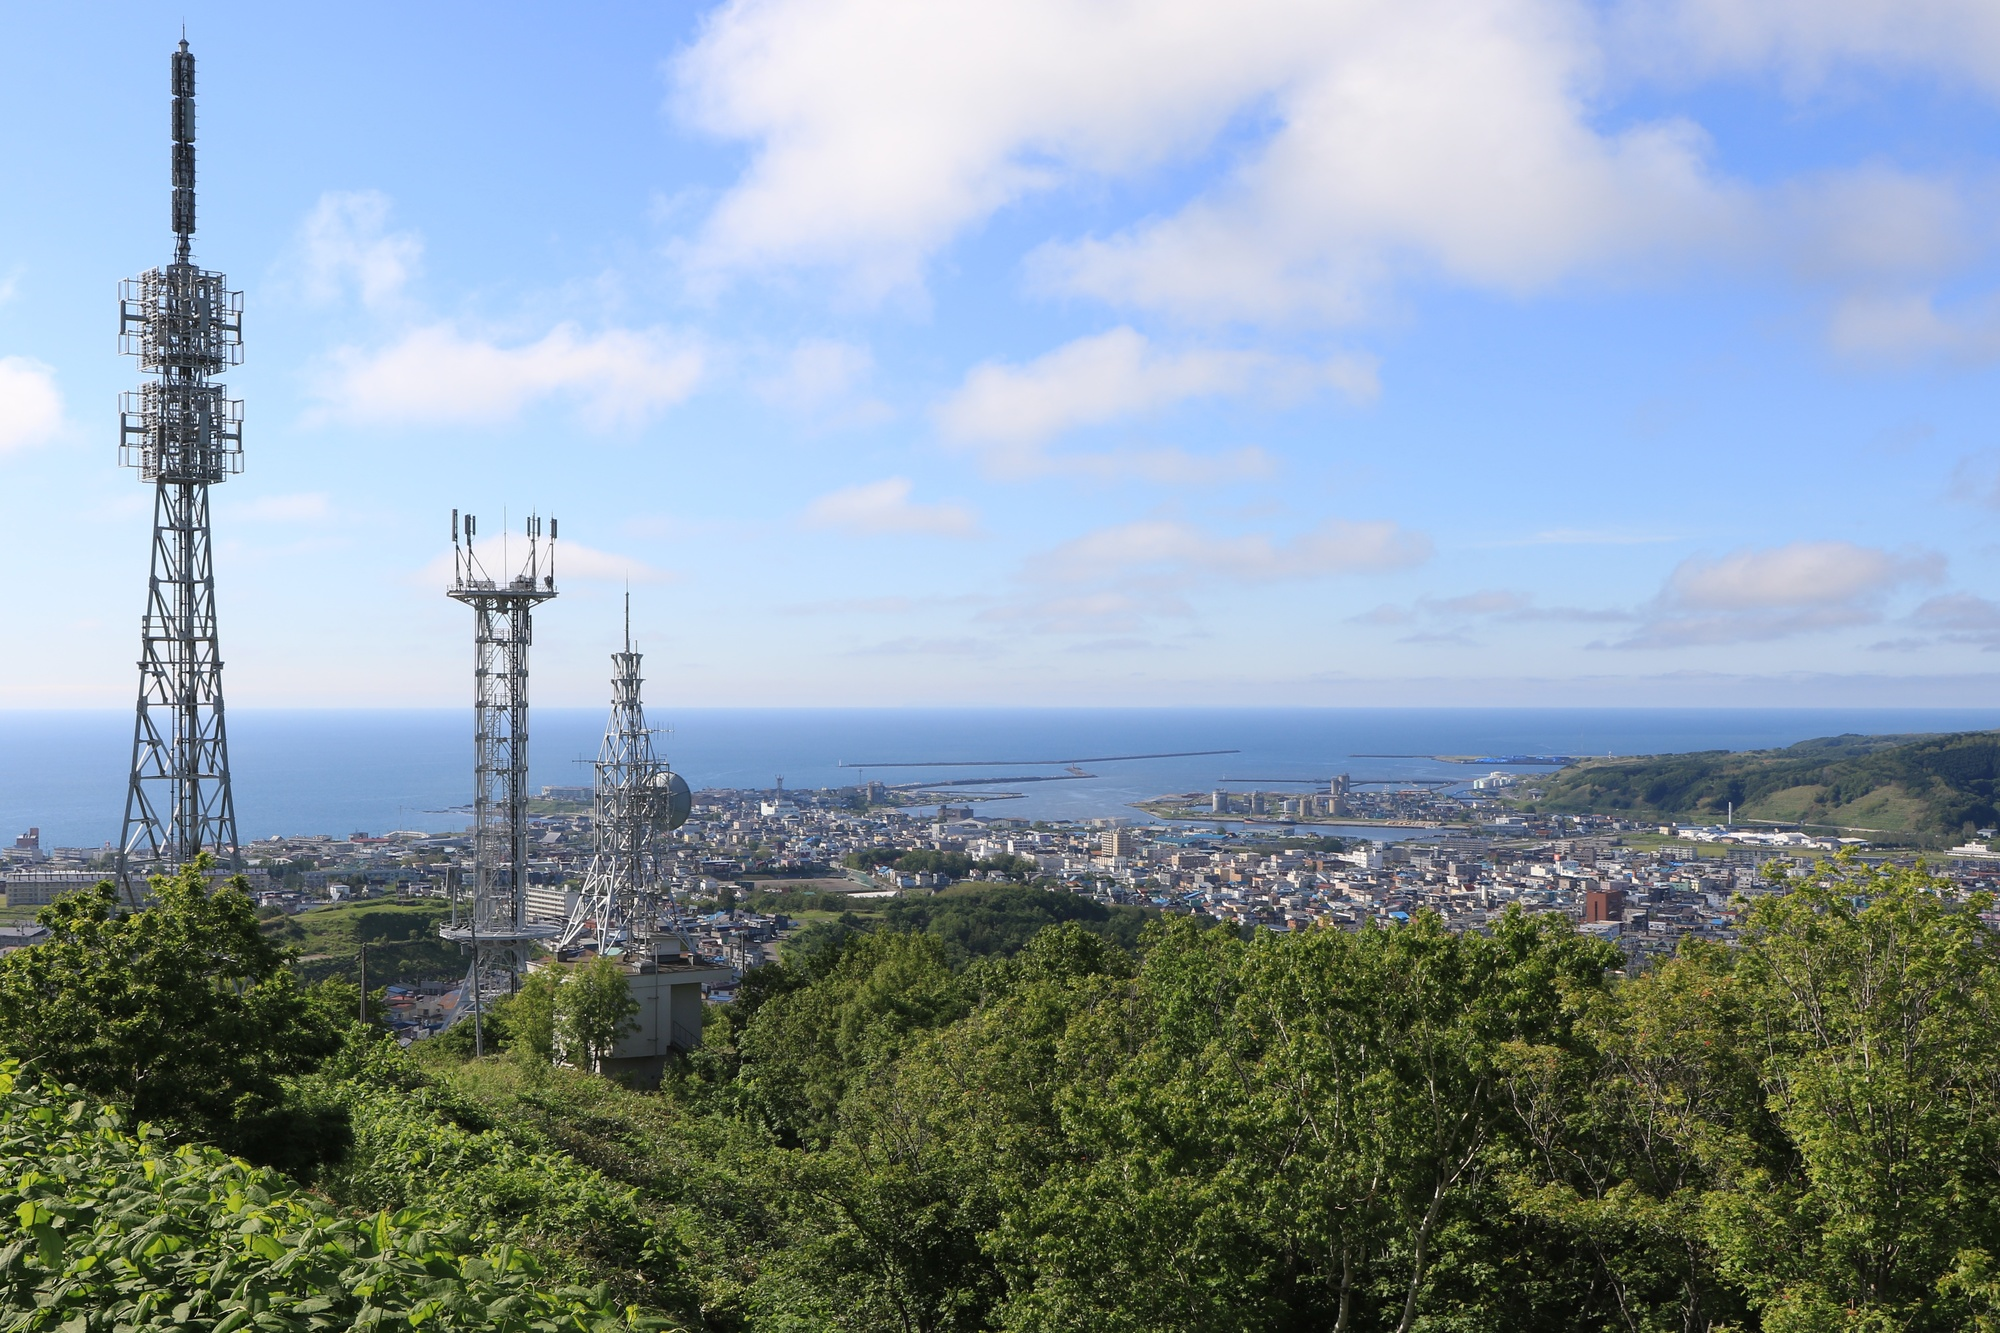 留萌の千望台から留萌市の街並みを見下ろして。